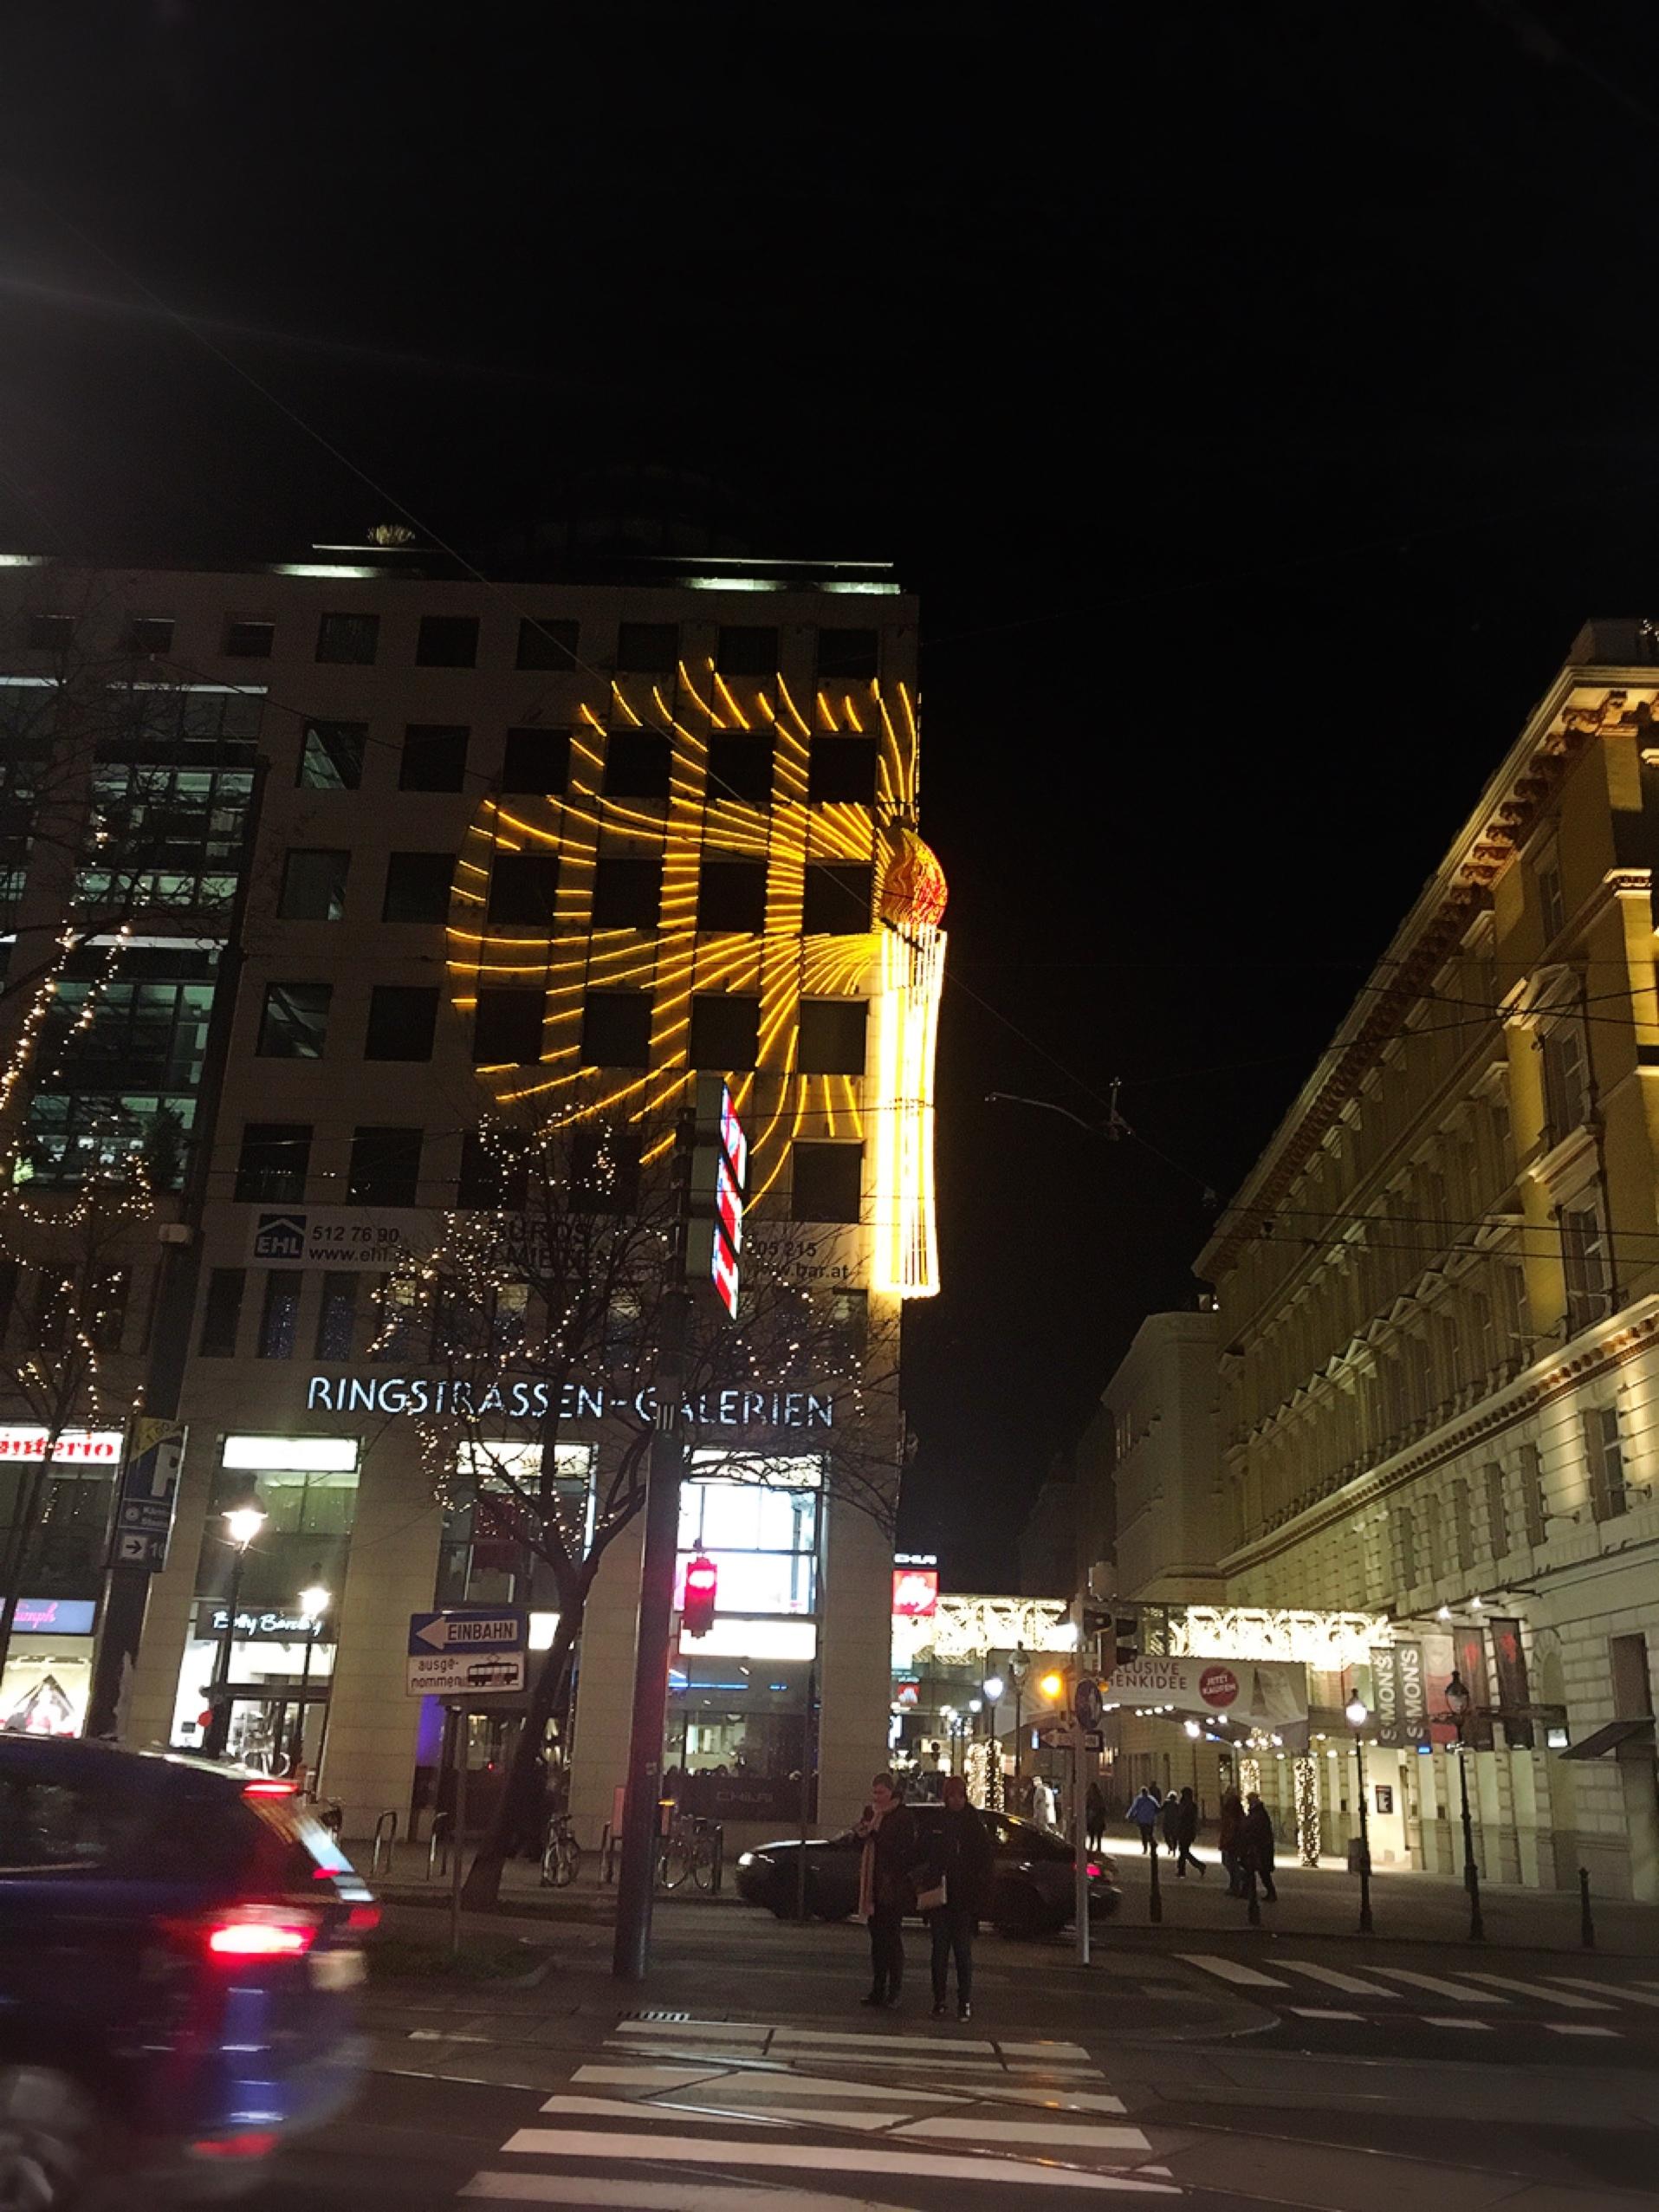 ウィーン市庁舎のマーケット_1_6